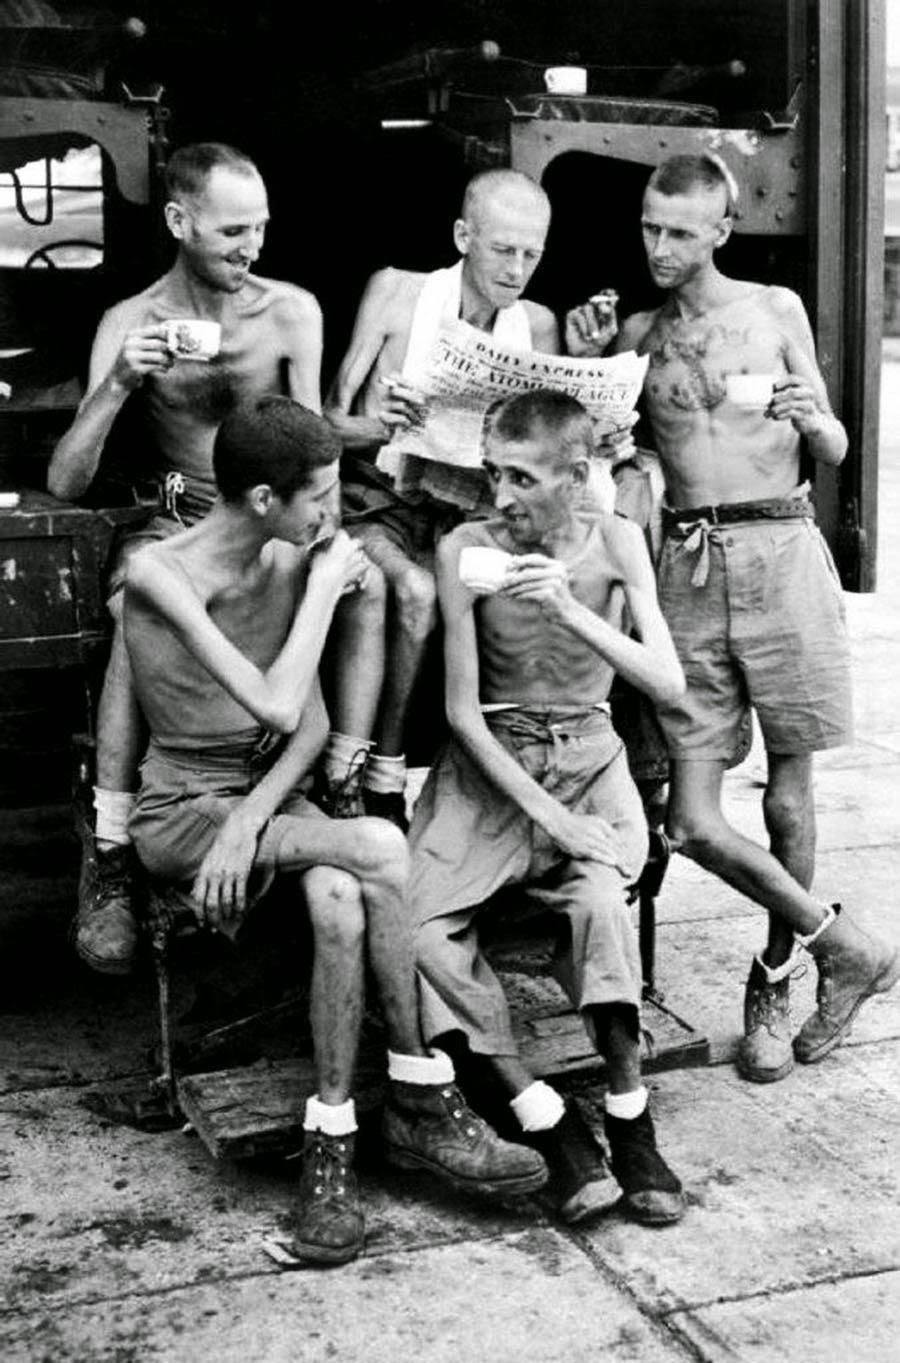 Австралийские солдаты после их освобождения из японского плена в Сингапуре, 1945